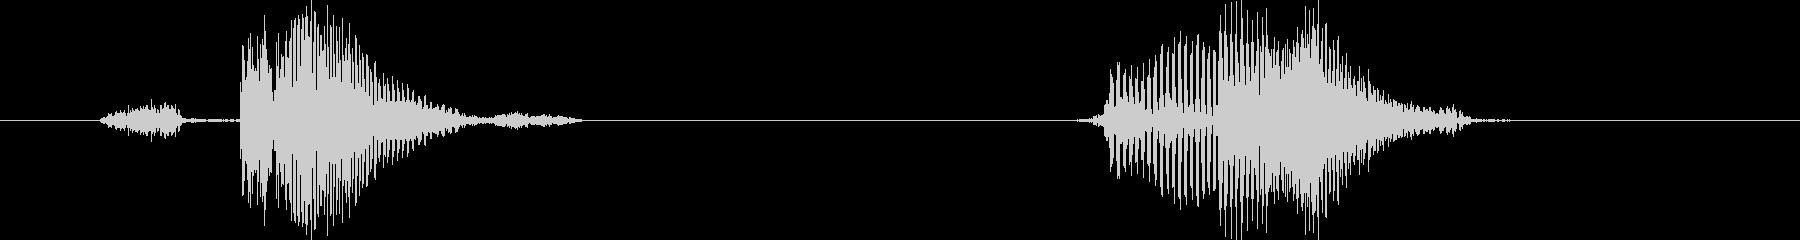 ステージ9 格闘技系の未再生の波形